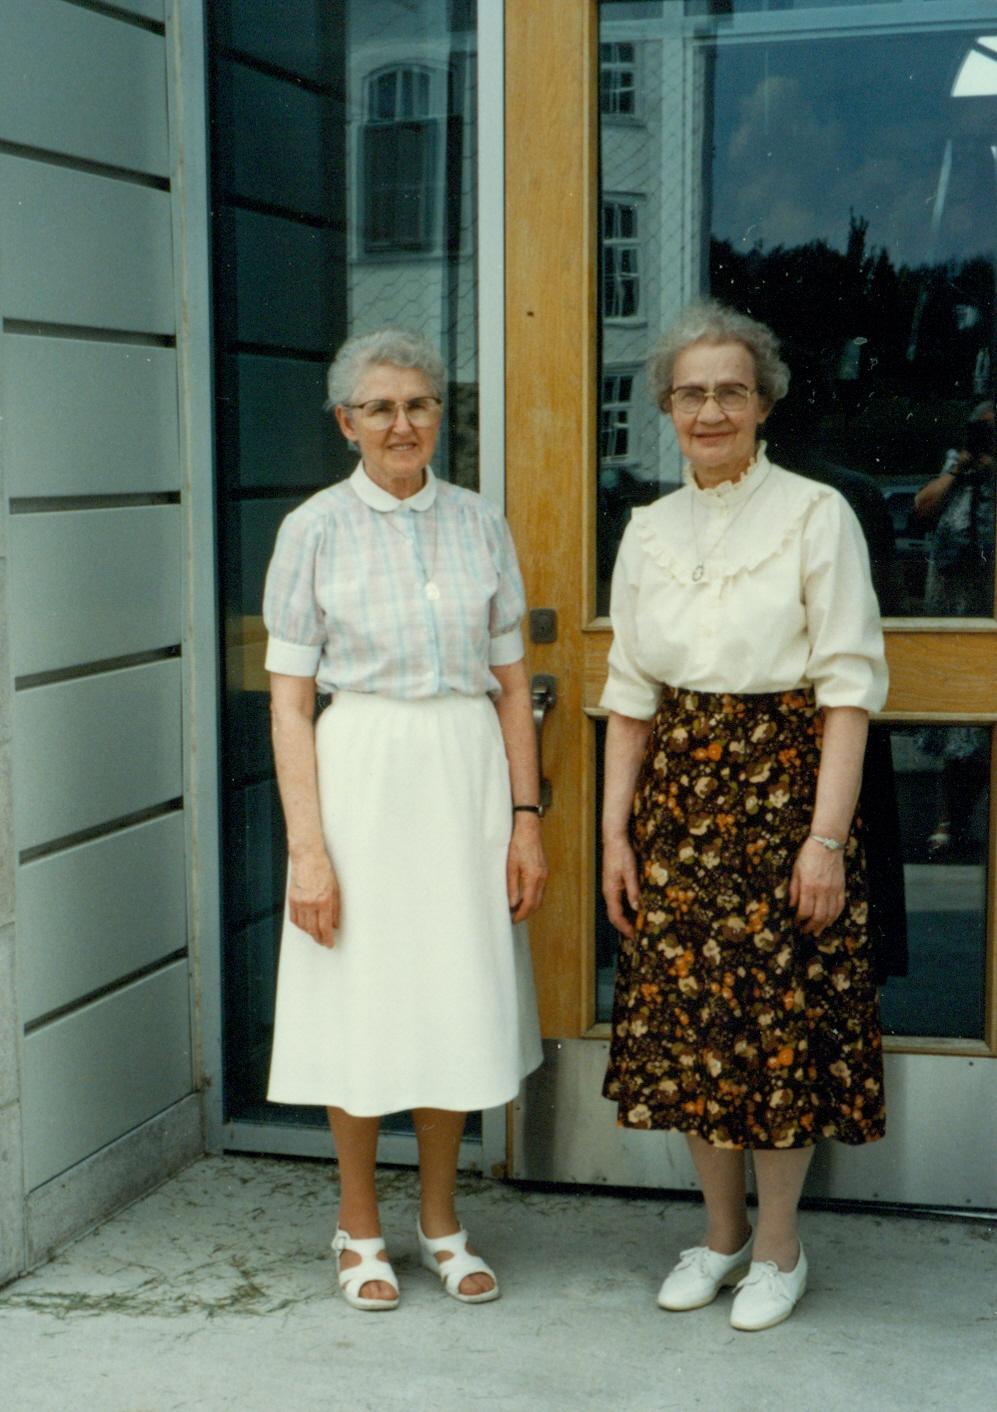 Sœur Marie-Berthe Lavertu et sœur Jeanne Pouliot, collaboratrices au Centre historique